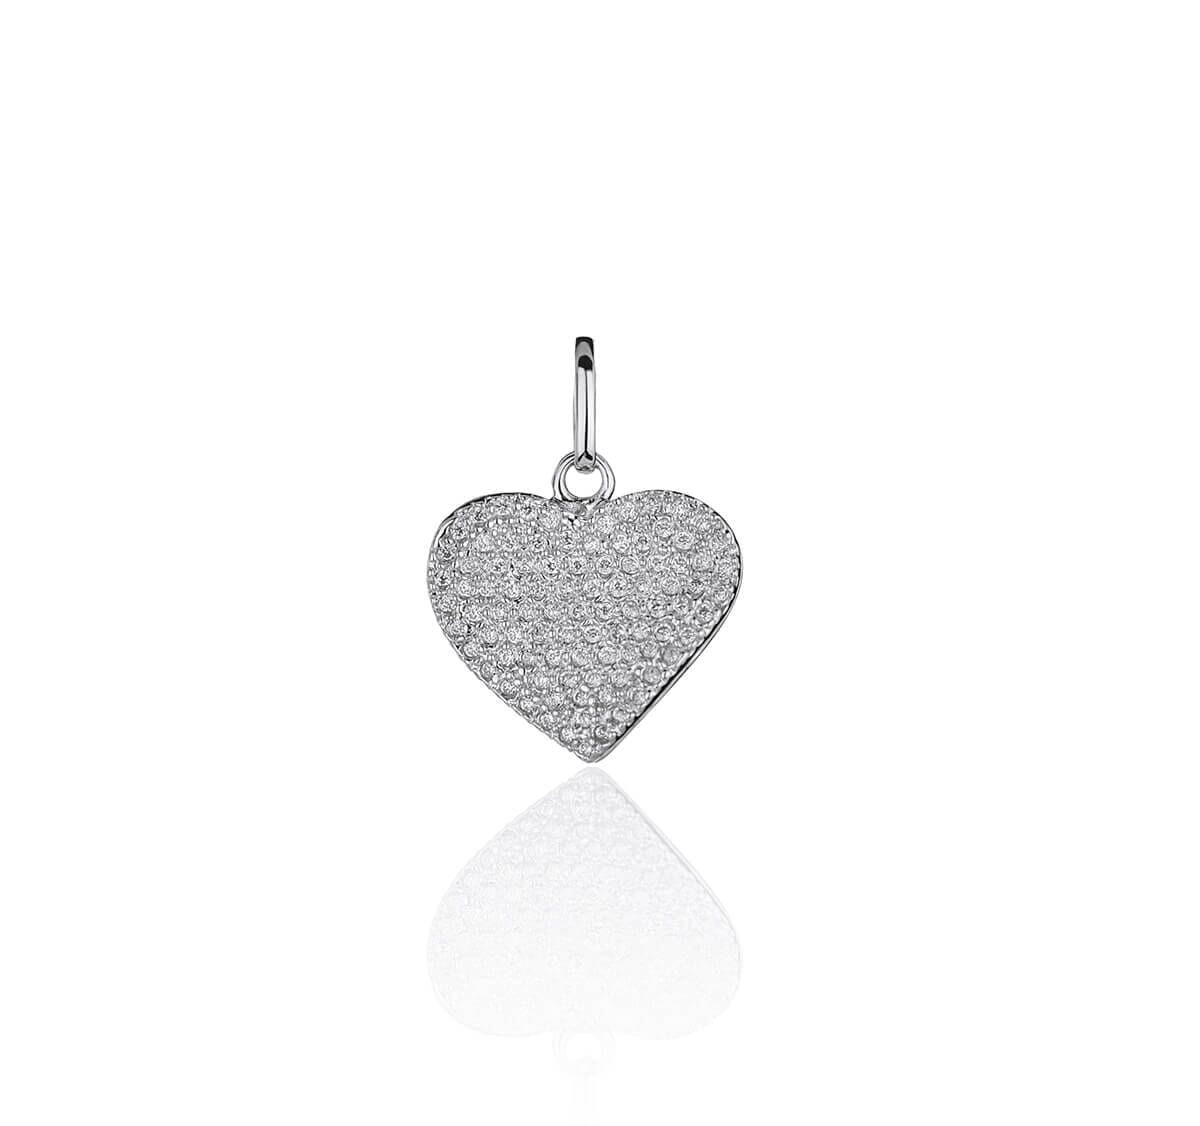 Pingente Prata de coração cravejado com zircônias brancas